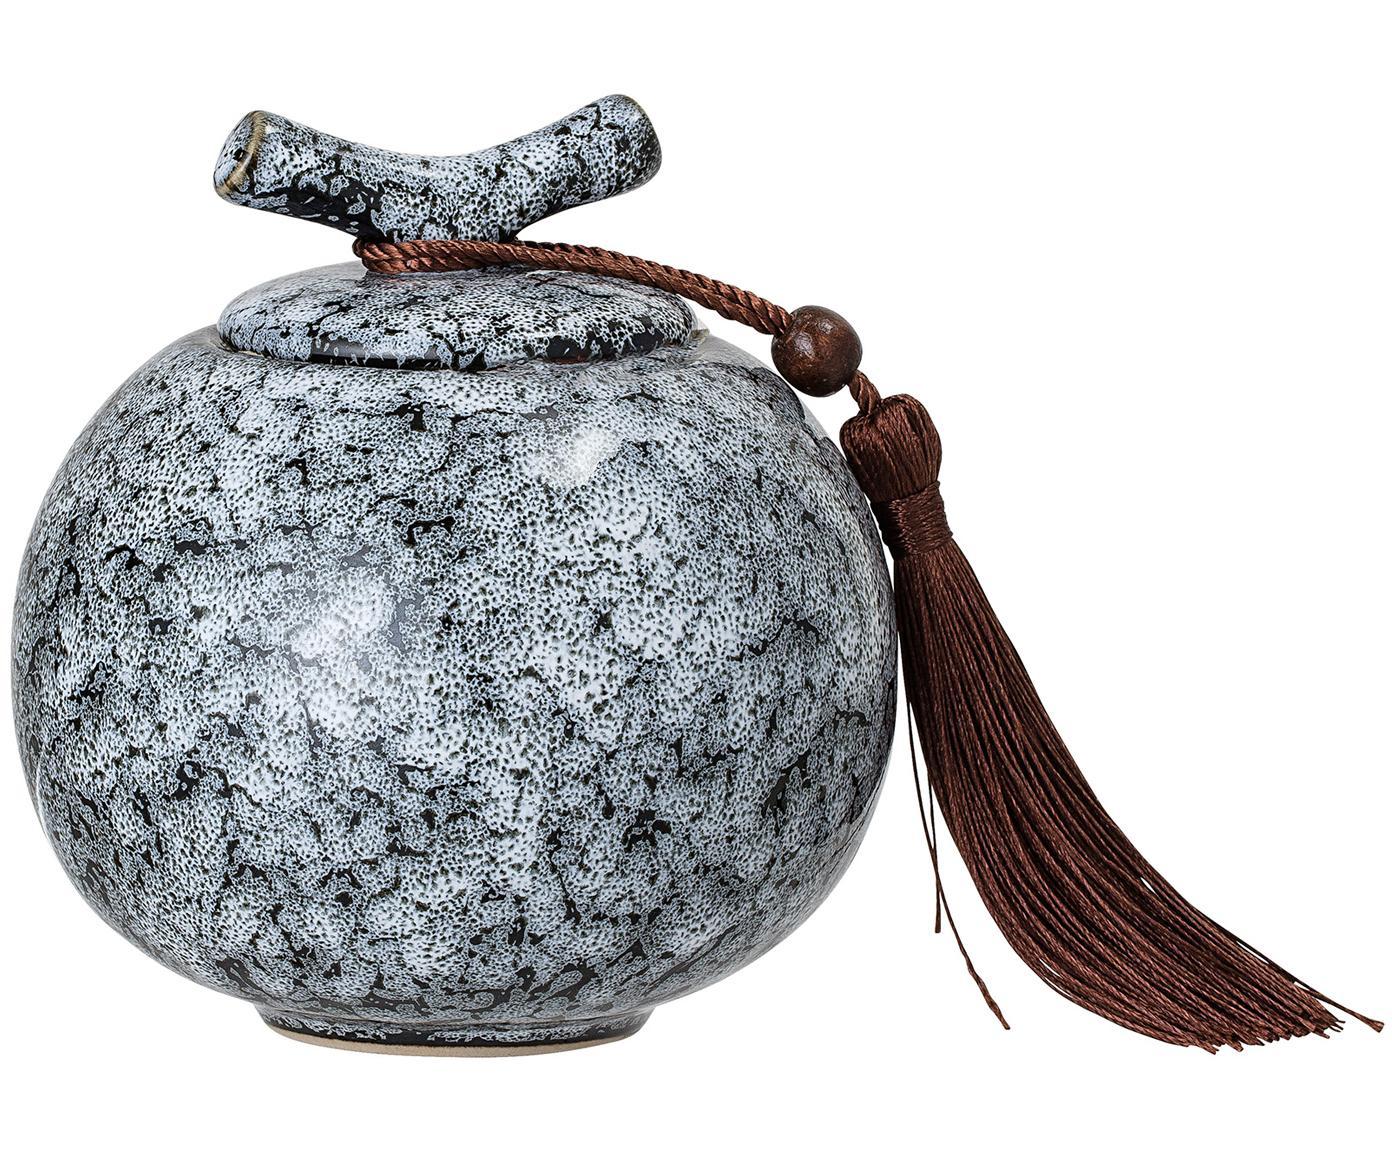 Pojemnik do przechowywania Ebba, Czarny, szary, Ø 11 x W 13 cm